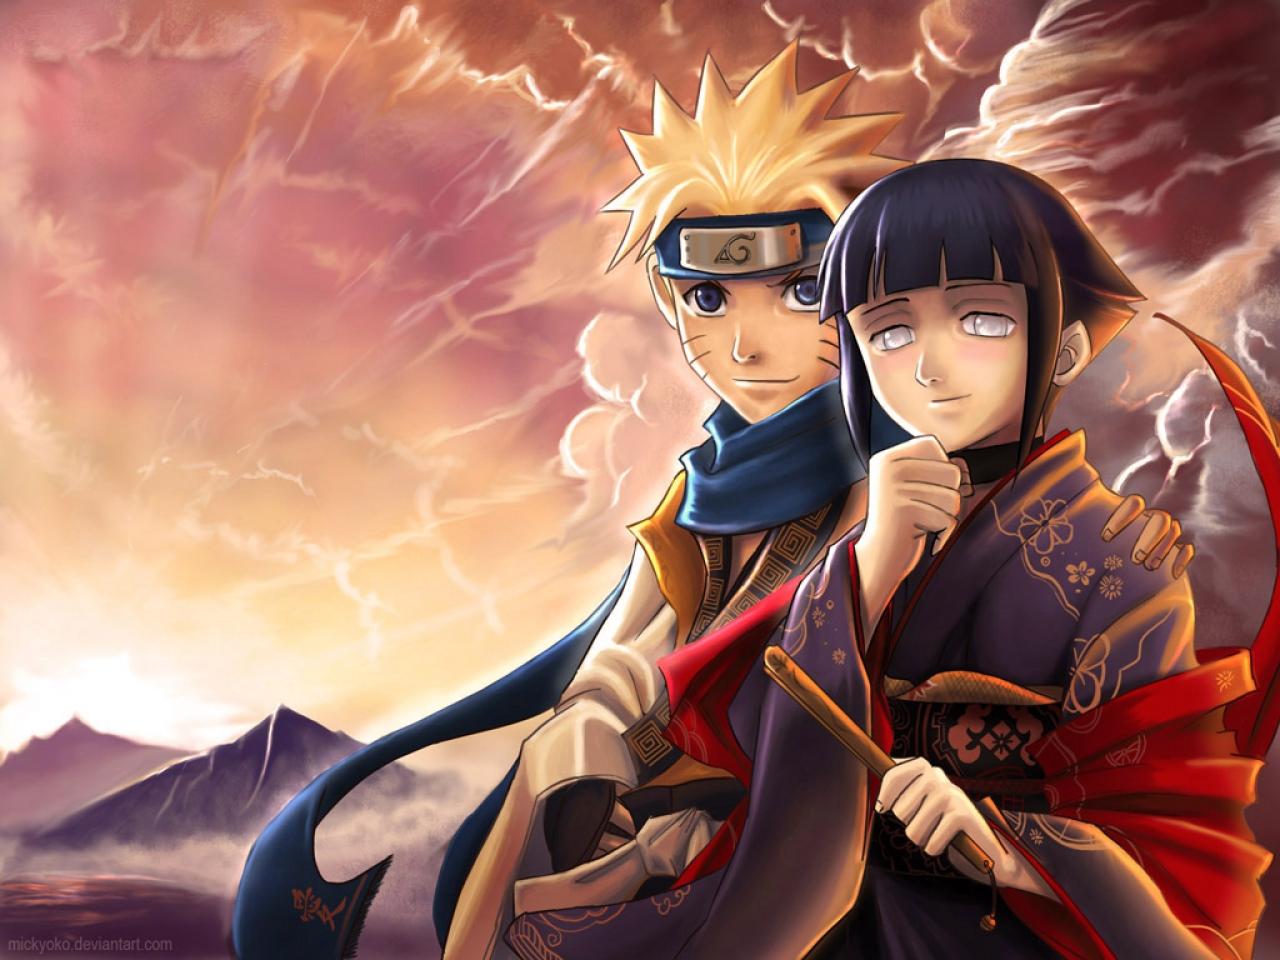 Naruto and Hinata naruto black wallpaper 1280x960